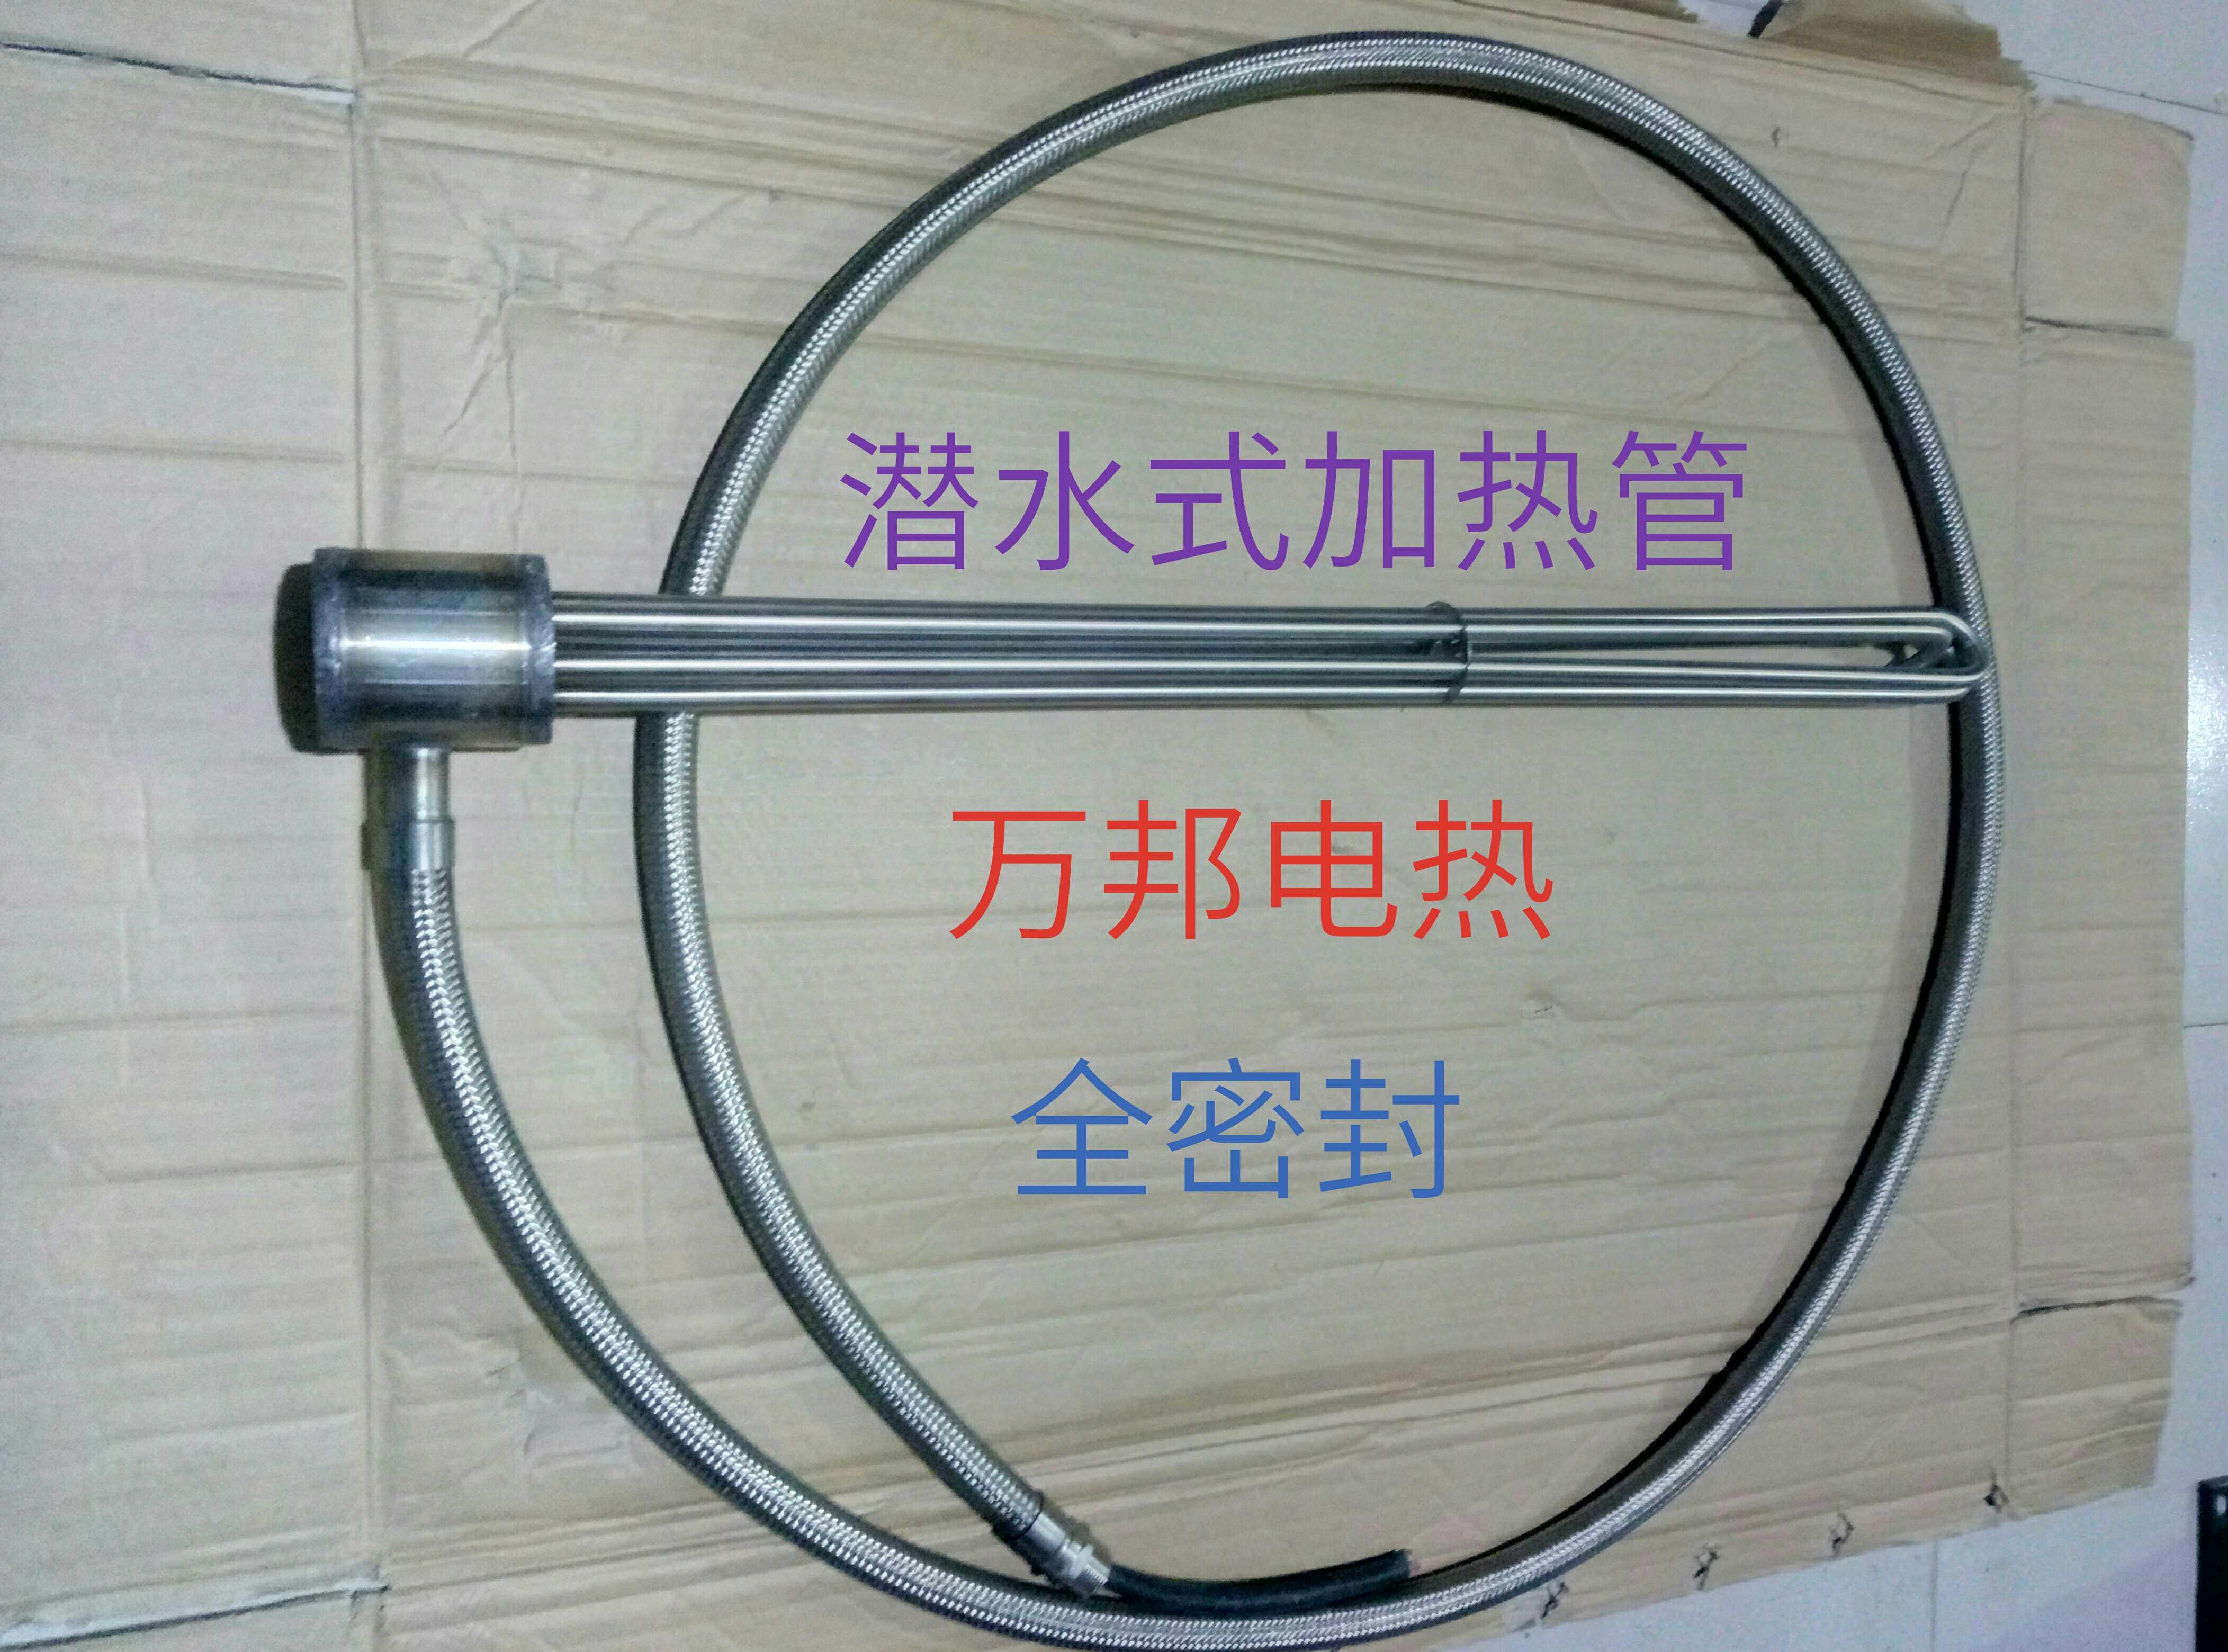 قوة كبيرة الغوص أنبوب التدفئة سخان خزان المياه خزان المياه أنابيب التدفئة قضبان التدفئة الصناعية سخان النفط